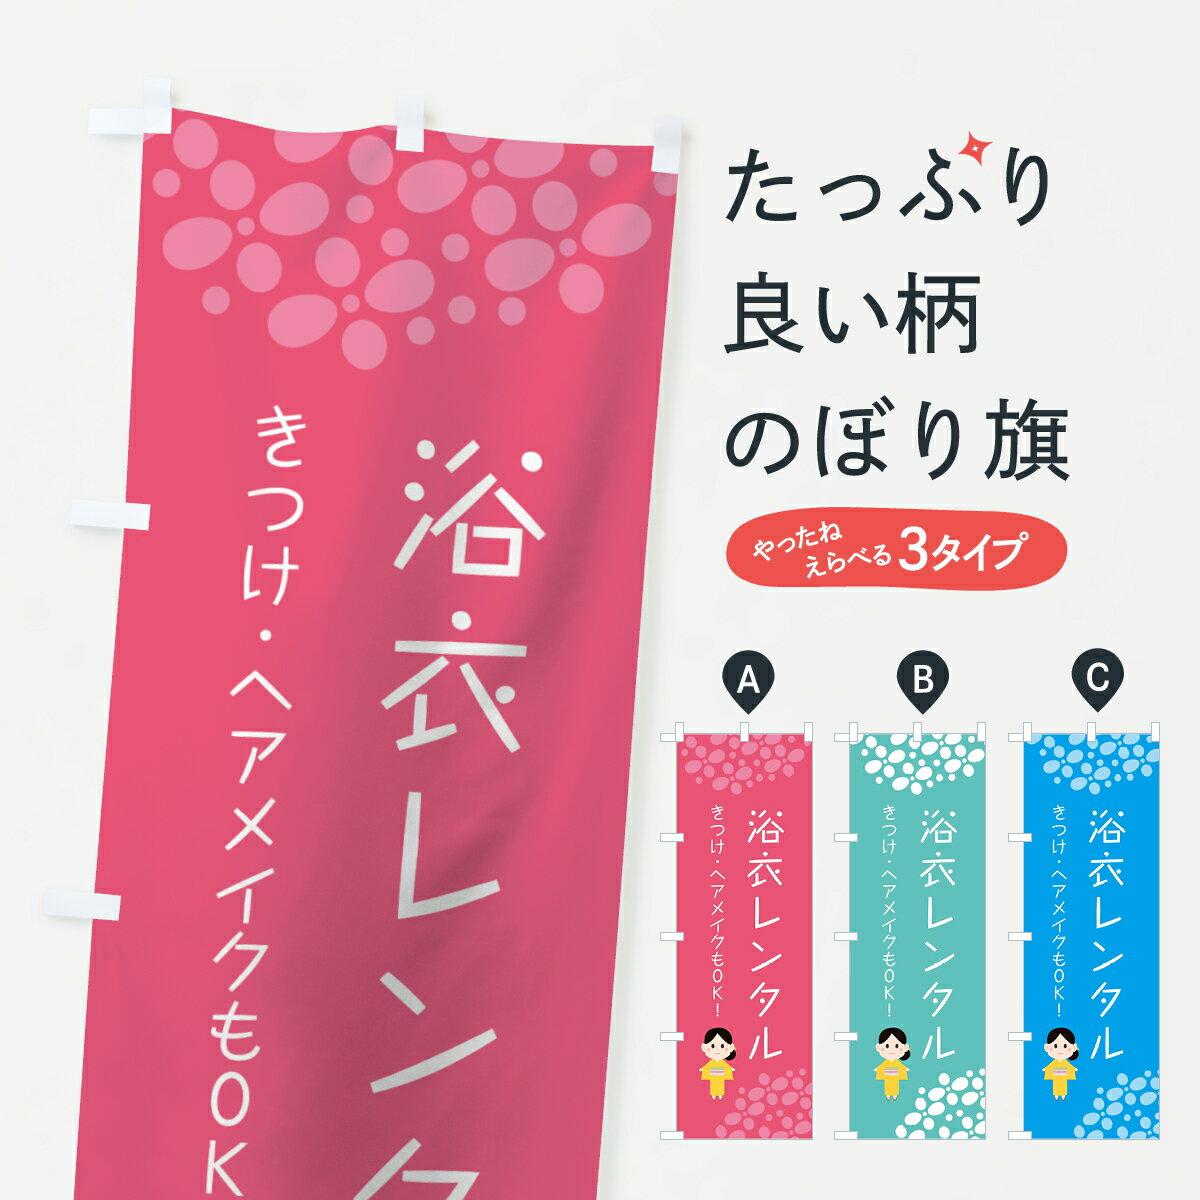 【3980送料無料】 のぼり旗 浴衣レンタルのぼり 着物レンタル